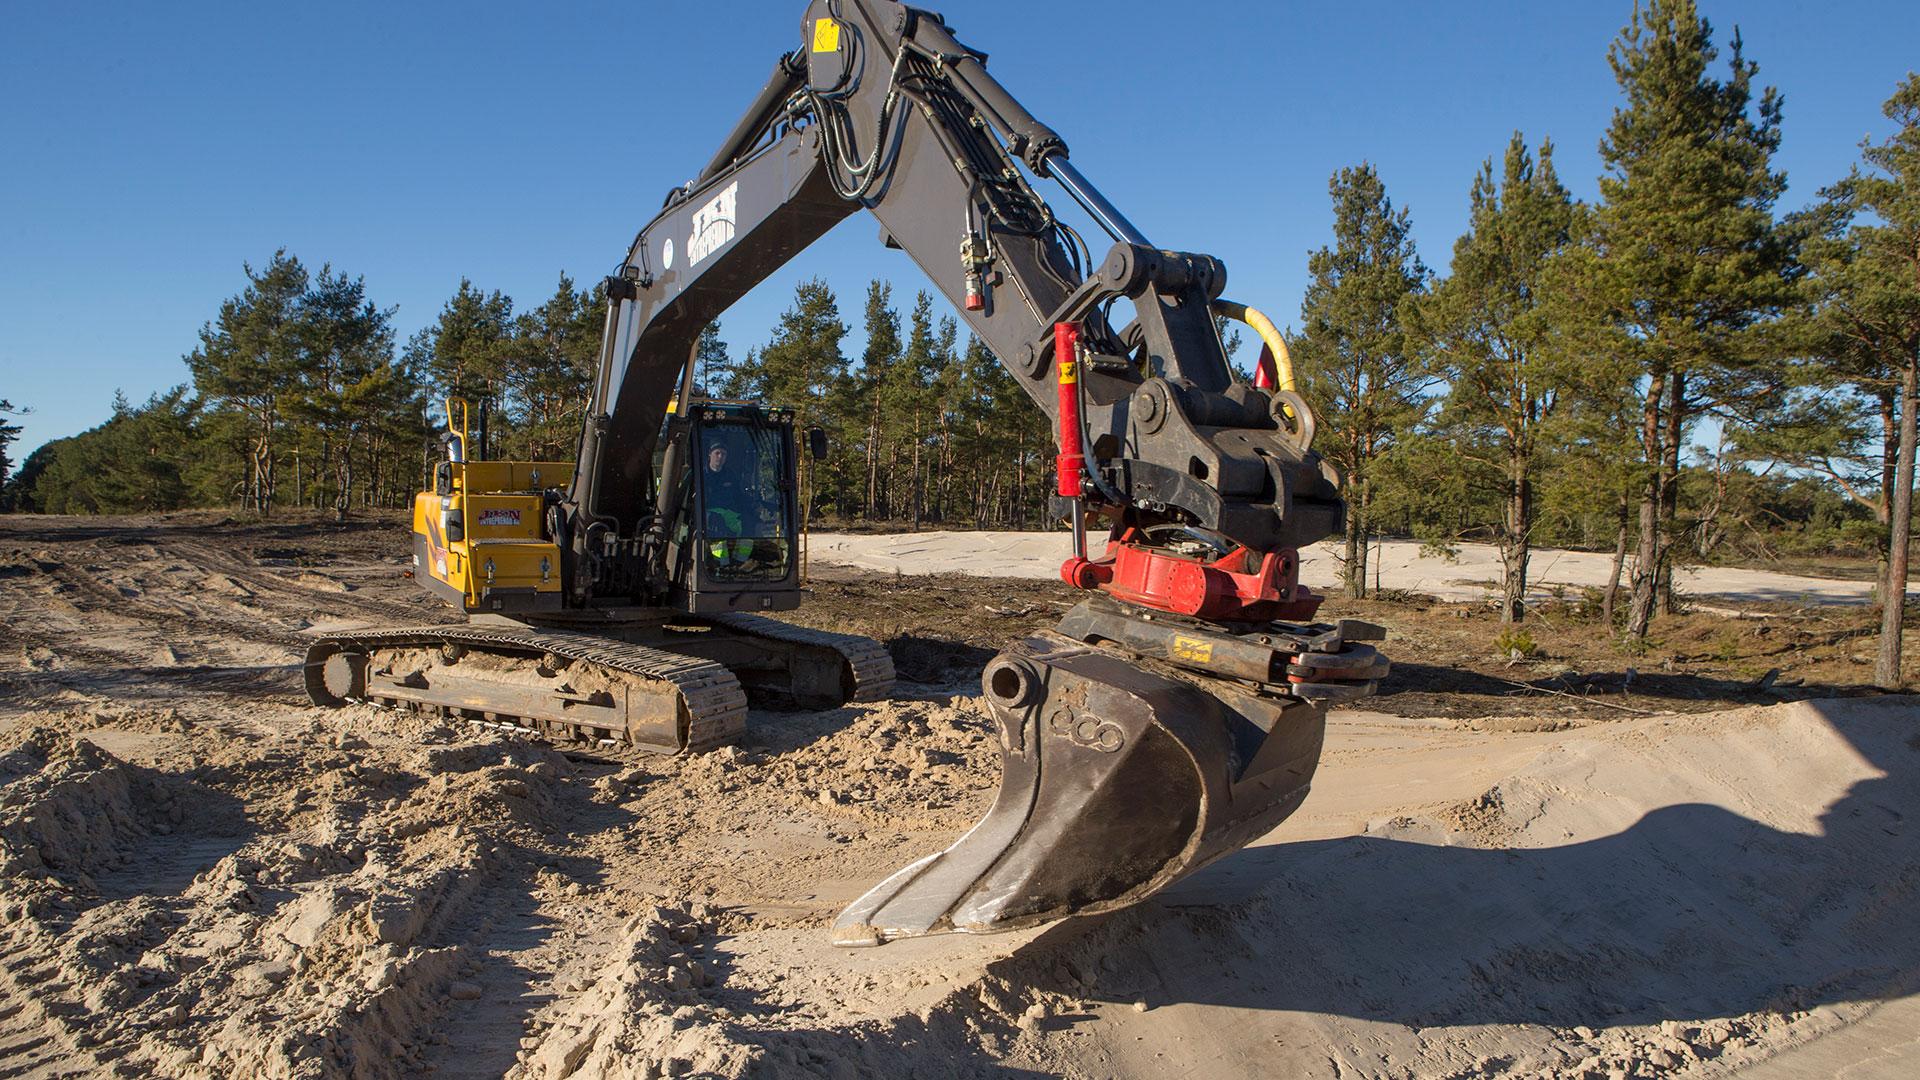 Rör om i sanden i Nyehusen. Foto: Patrik Olofsson/N